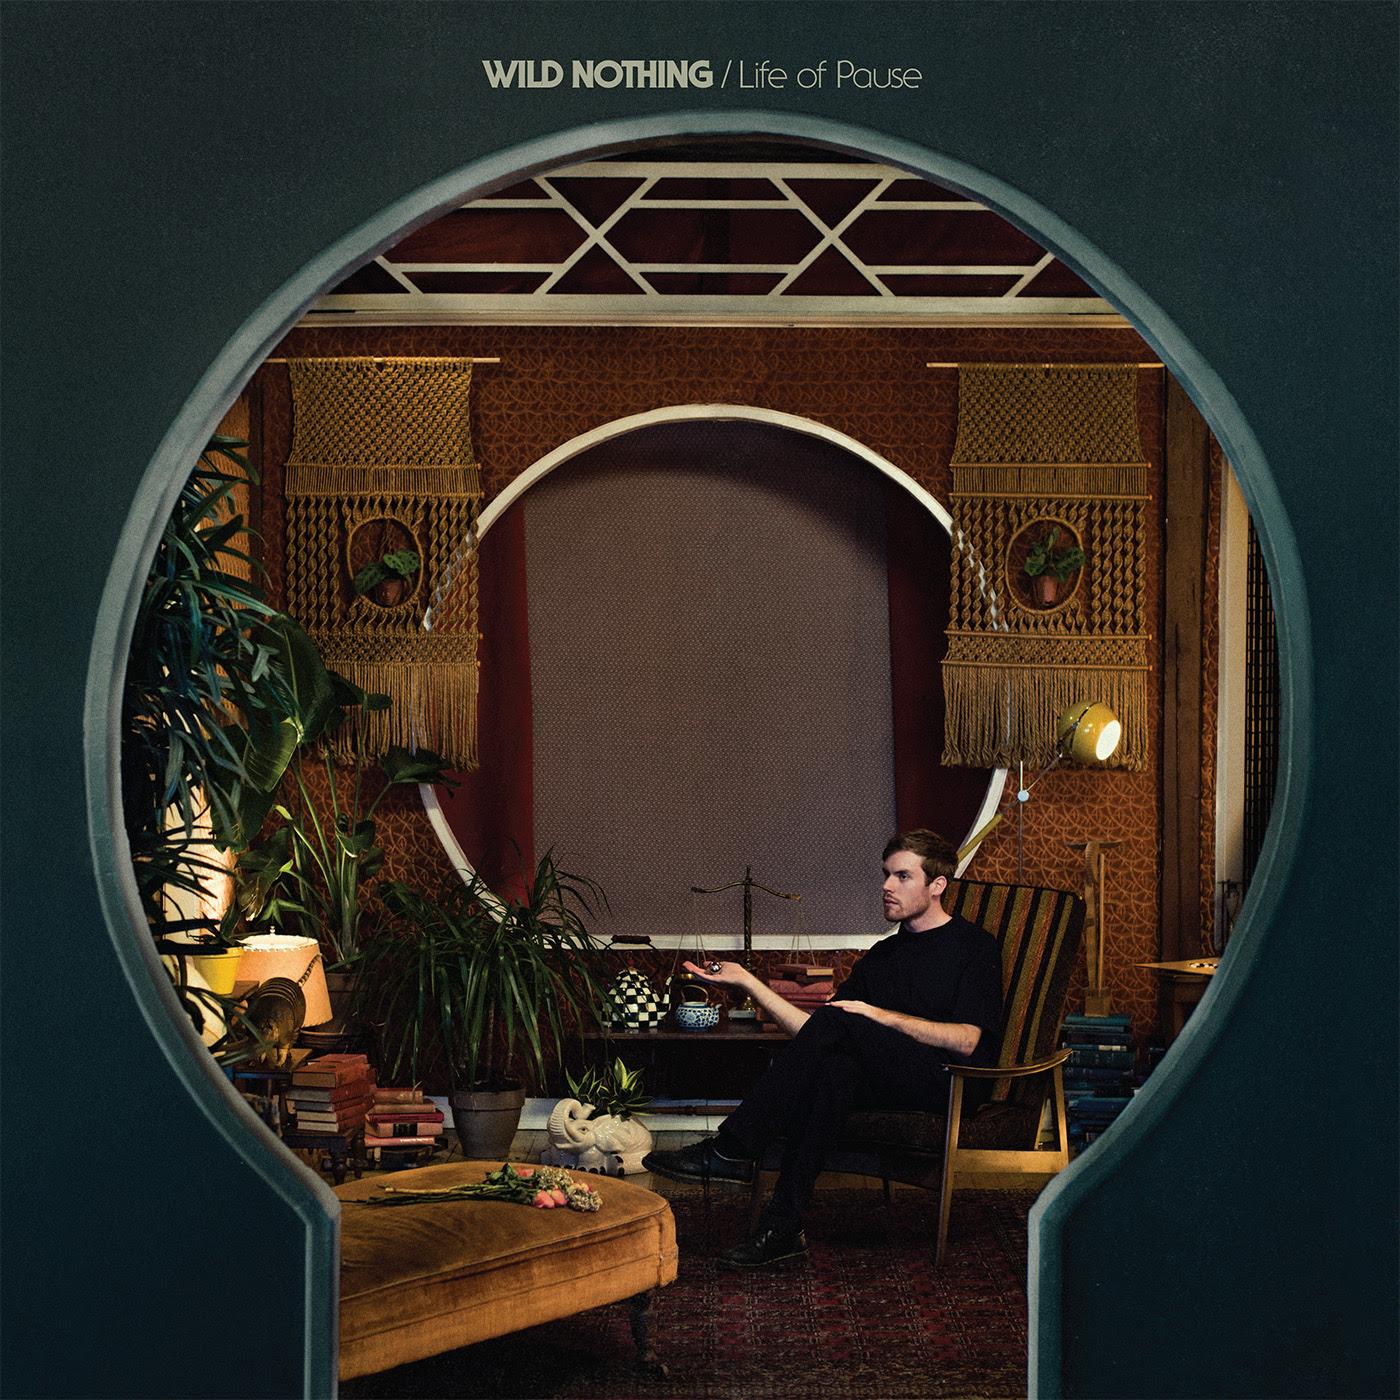 Wild Nothing announces new album announces new album 'Life Of Pause,